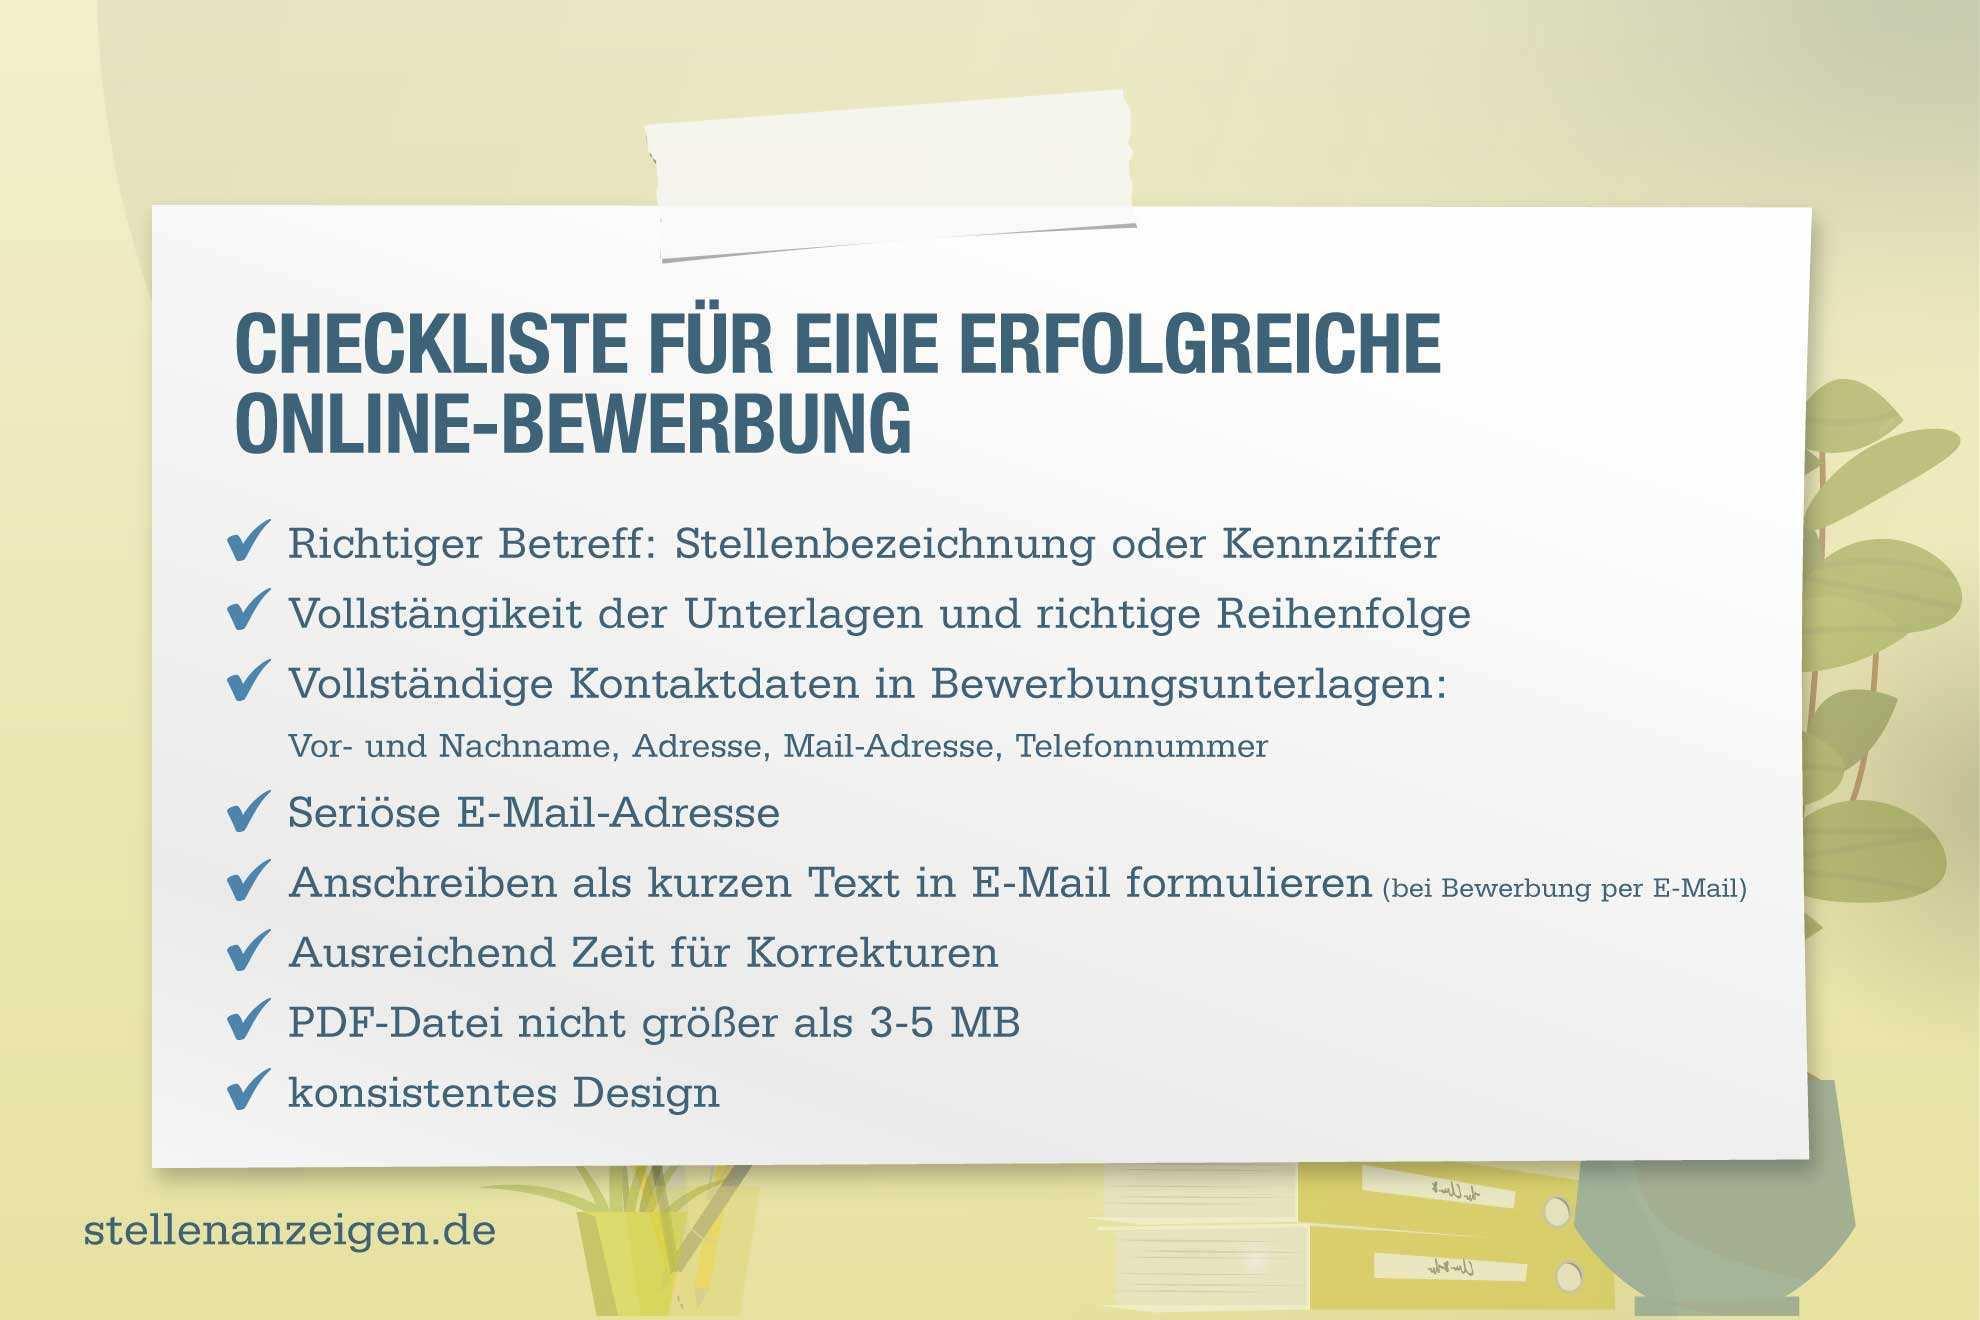 Uberzeugende Online Bewerbung Verfassen Tipps Zum Aufbau Dem Deckblatt Und Der Pdf E Mail Bewerbung Careeasy Dein Karrieremagazin